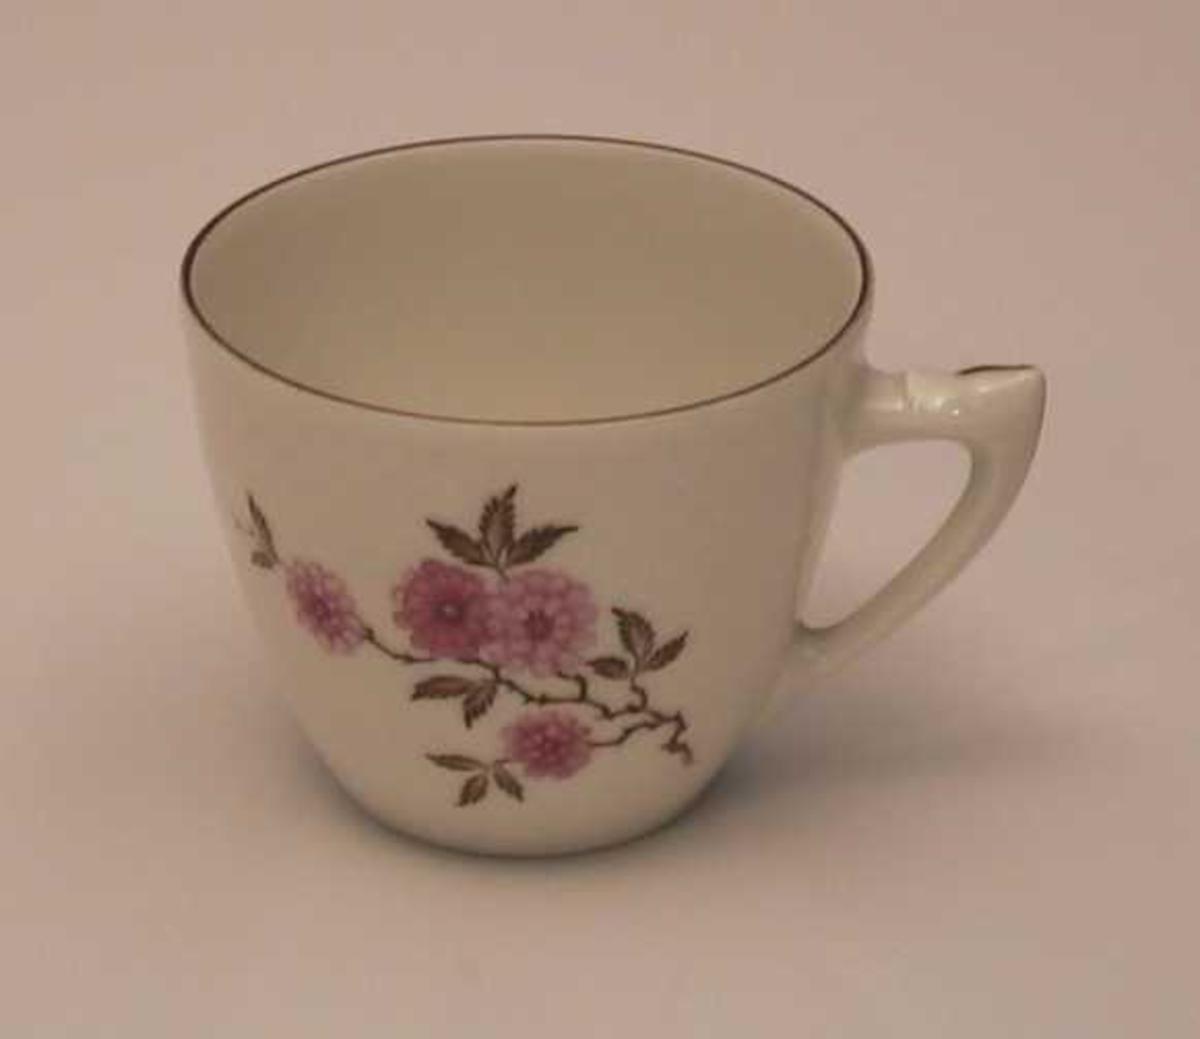 Kopp i porselen med blomsterdekor, gullkant og skjellmønster i godset.